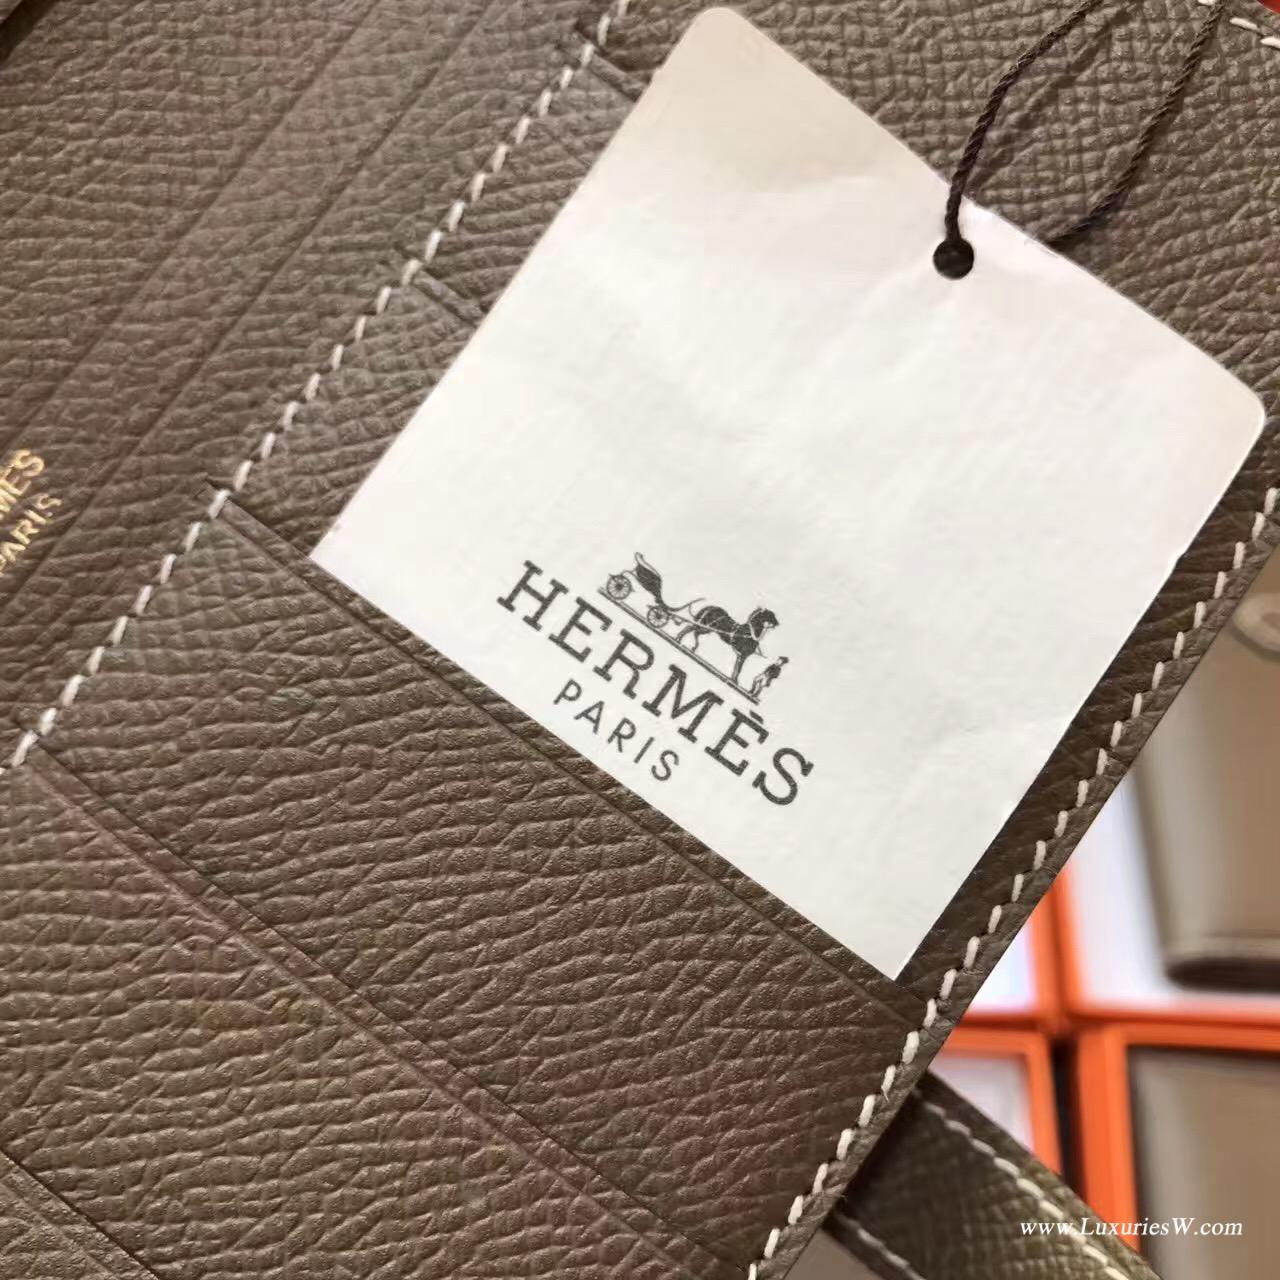 愛馬仕H扣長款錢包 Hermes Bearn Epsom两折钱夹CK 18 Etoupe大象灰金扣